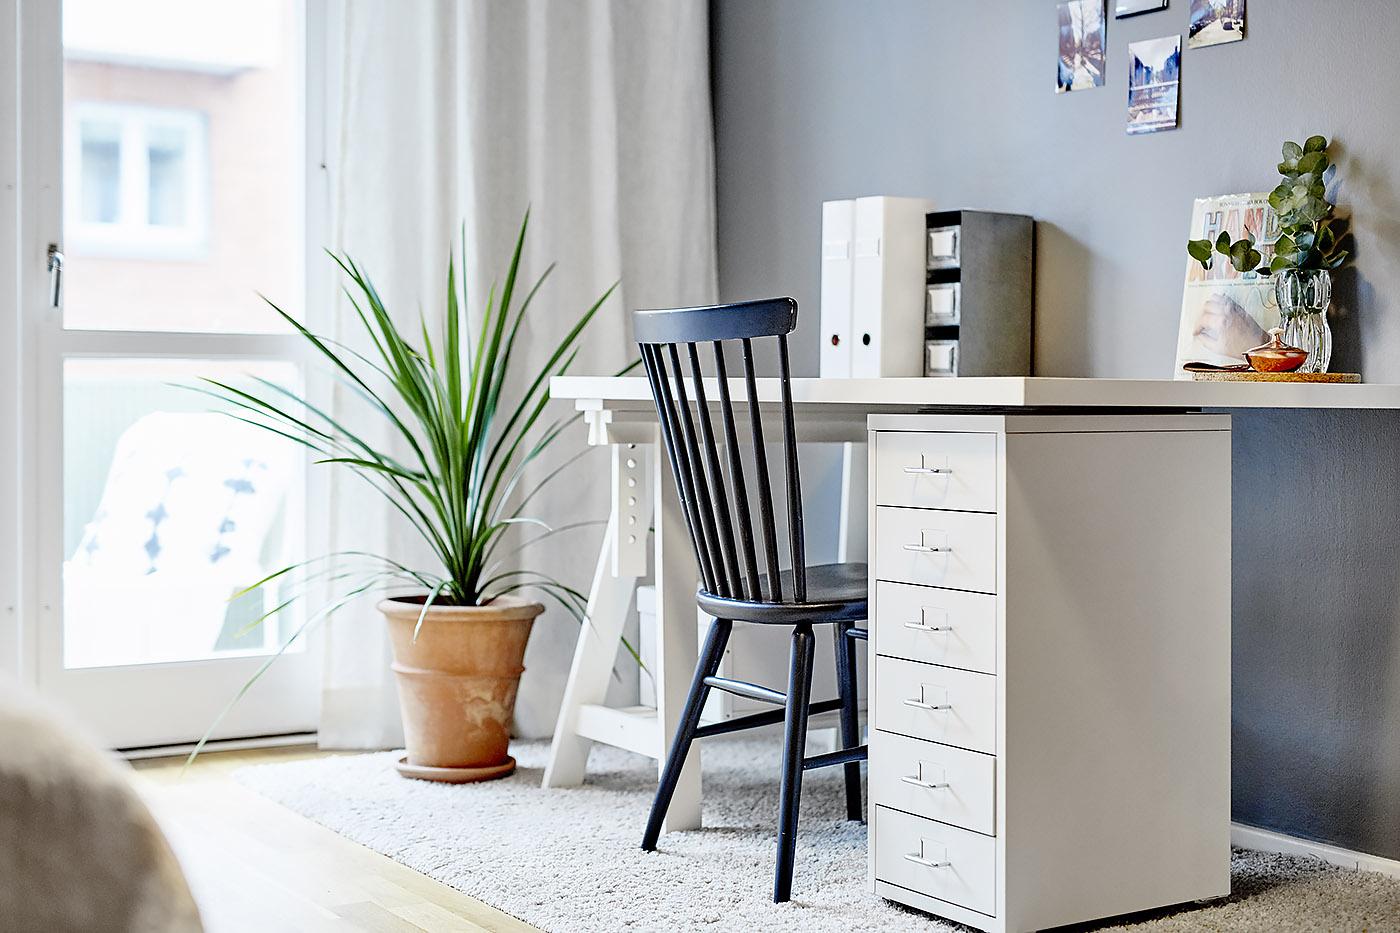 Habitaciones Decoracion Nordica ~ habitaciones para jovenes Habitaciones juveniles de estilo n?rdico